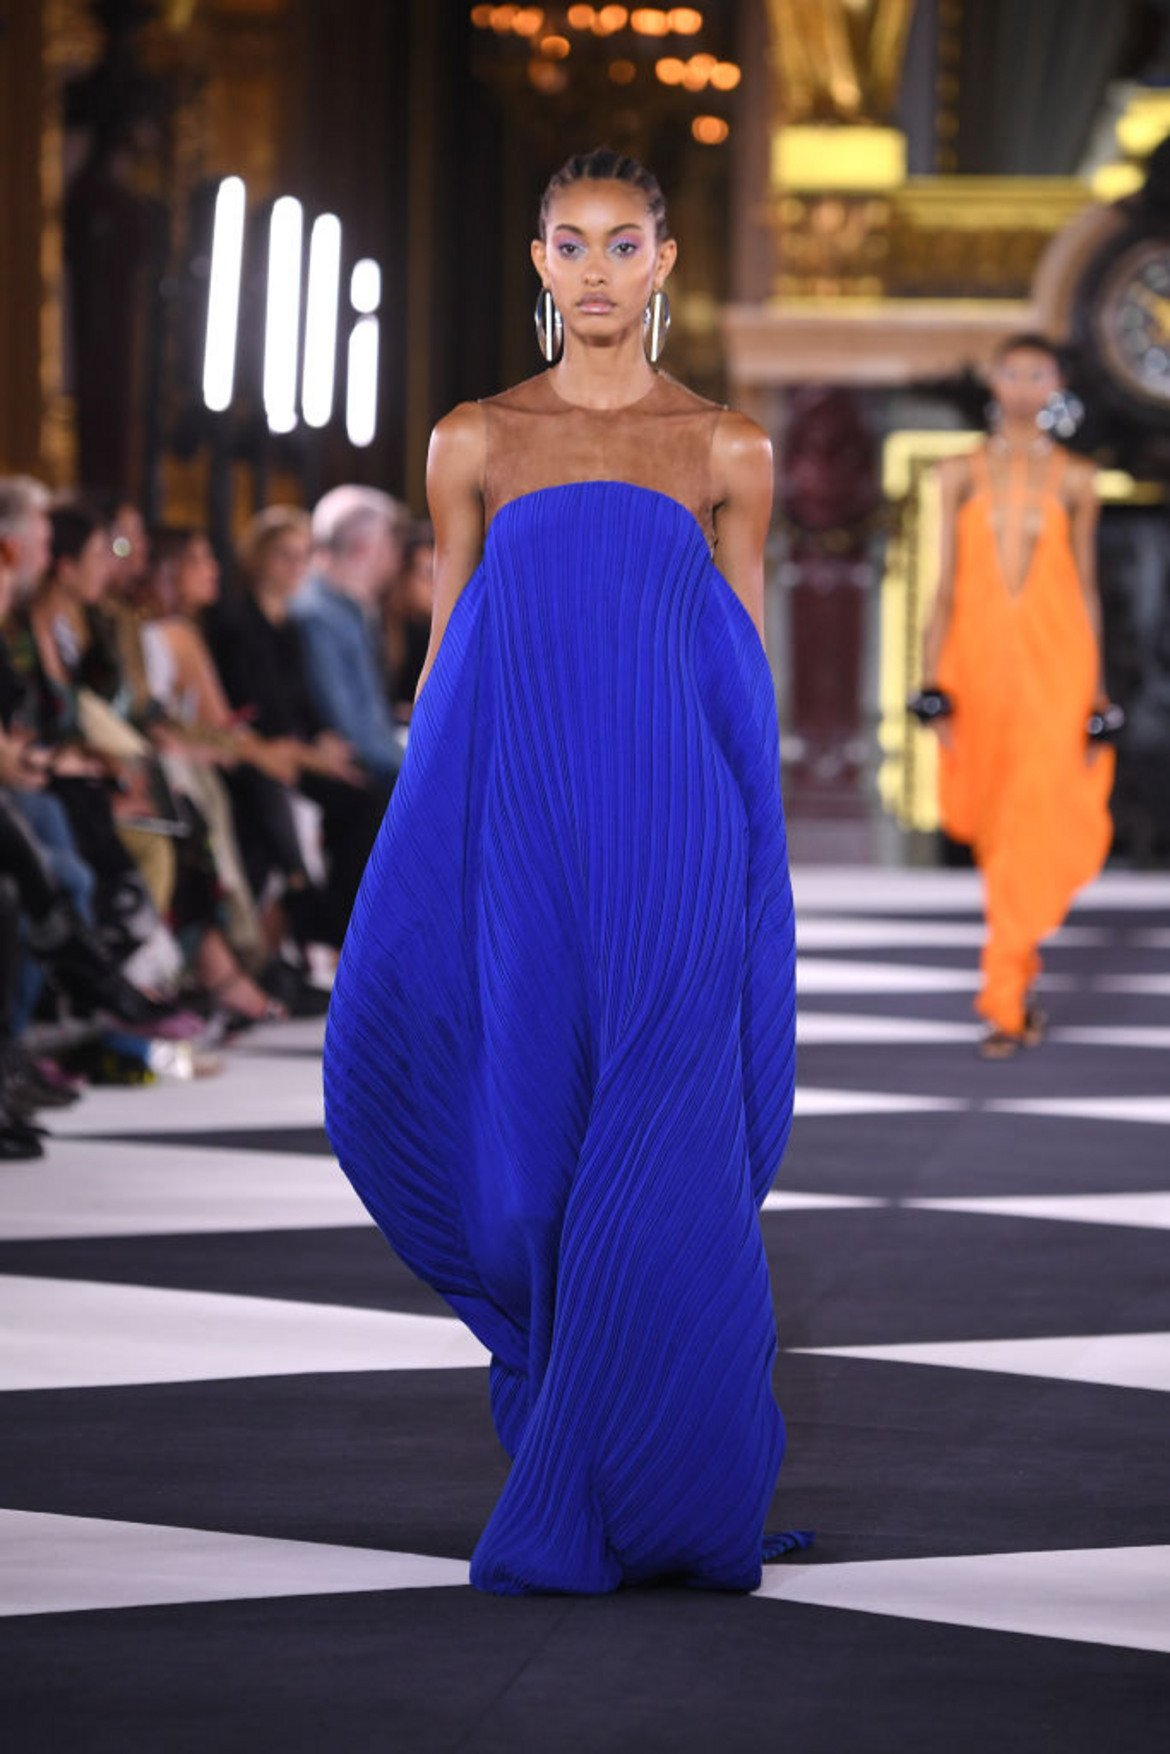 Класическо синьо (Classic Blue) Както вече казахме, това е цветът на 2020-а, символизиращ постоянство и увереност.   На снимката: рокля на Balmain в класическото синьо, което тази пролет ще бъде на почит. Видяхме я на Модната седмица в Париж през септември миналата година.